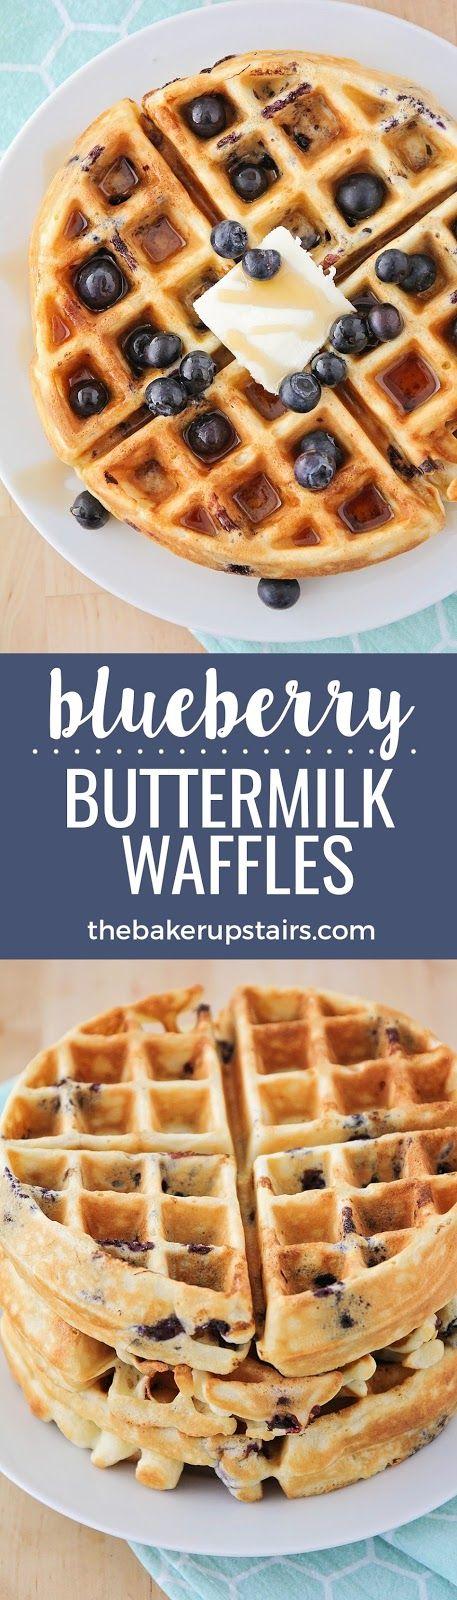 Blueberry Buttermilk Waffles Buttermilk Waffles Blueberry Recipes Waffles